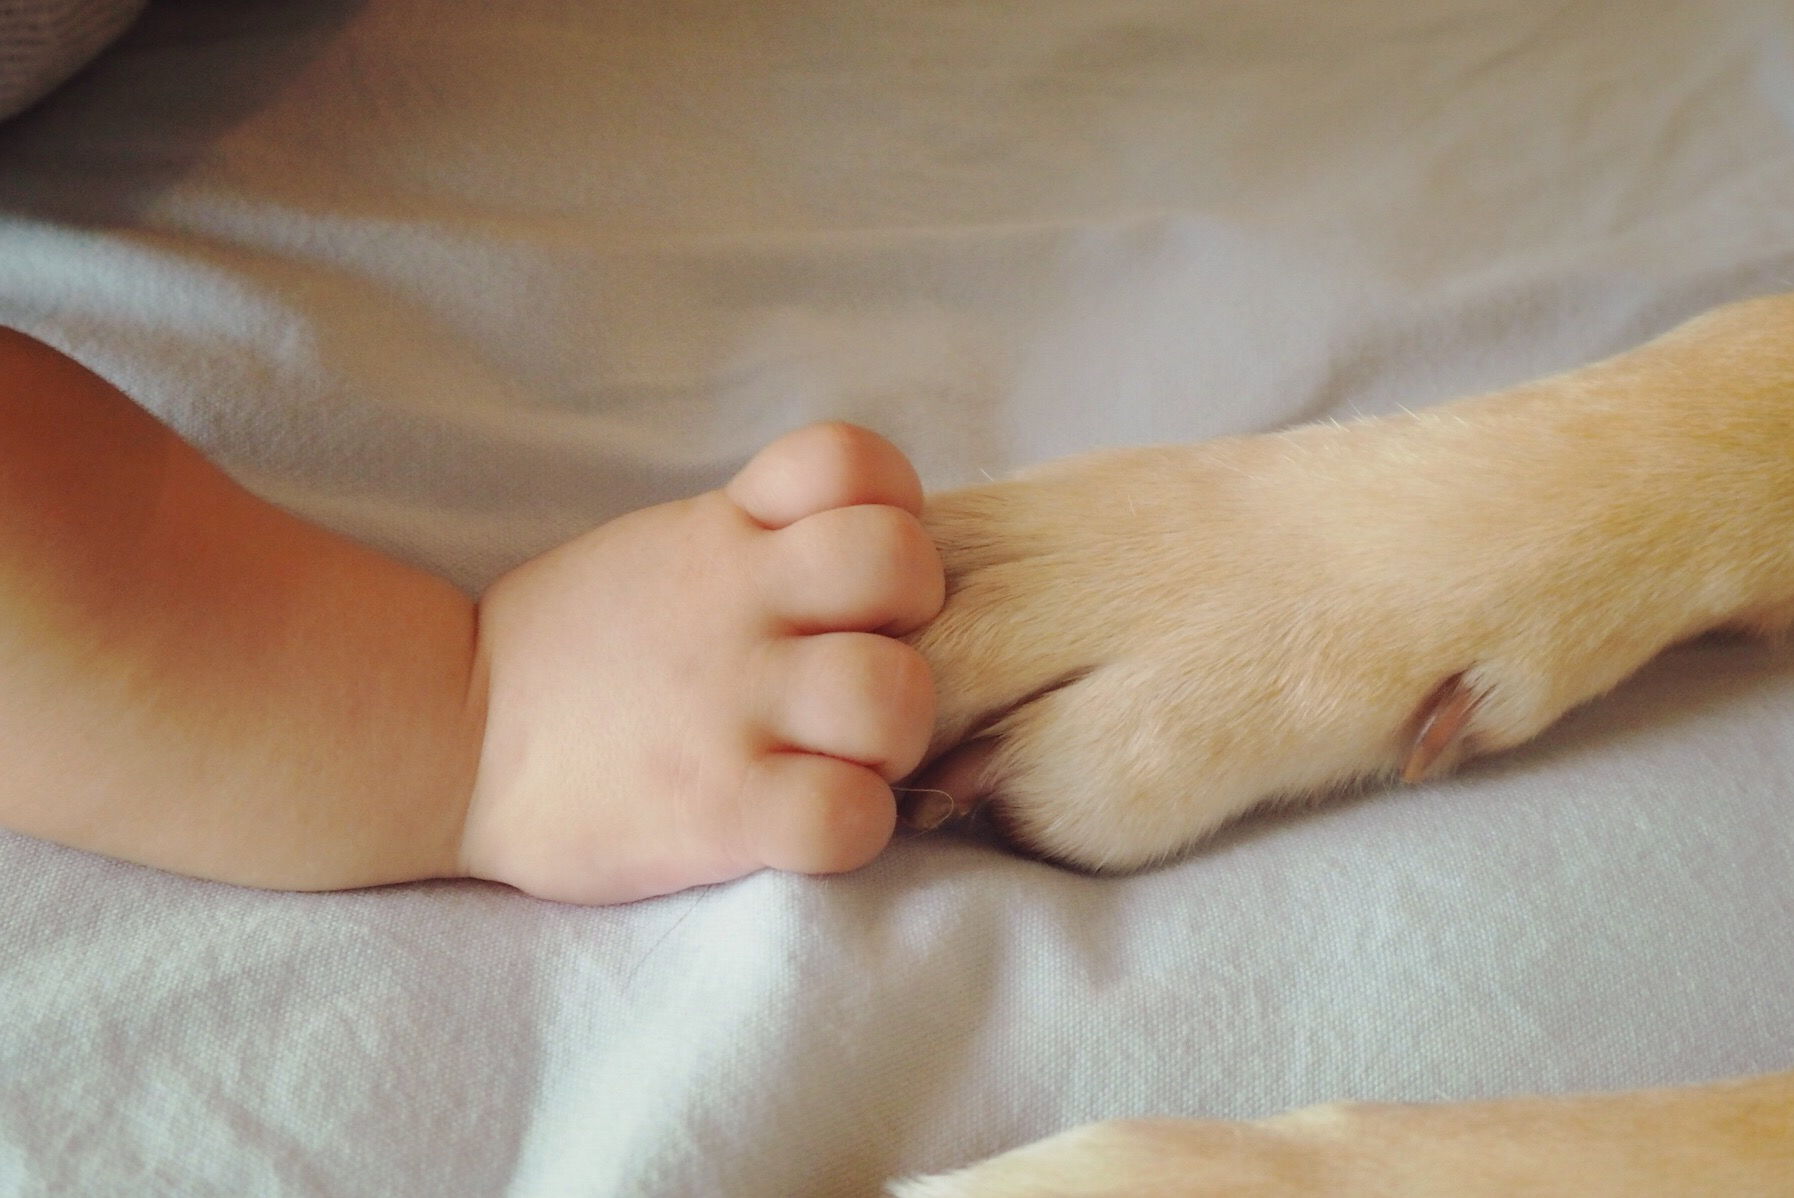 犬と赤ちゃん 赤ちゃんと犬 大型犬と赤ちゃん